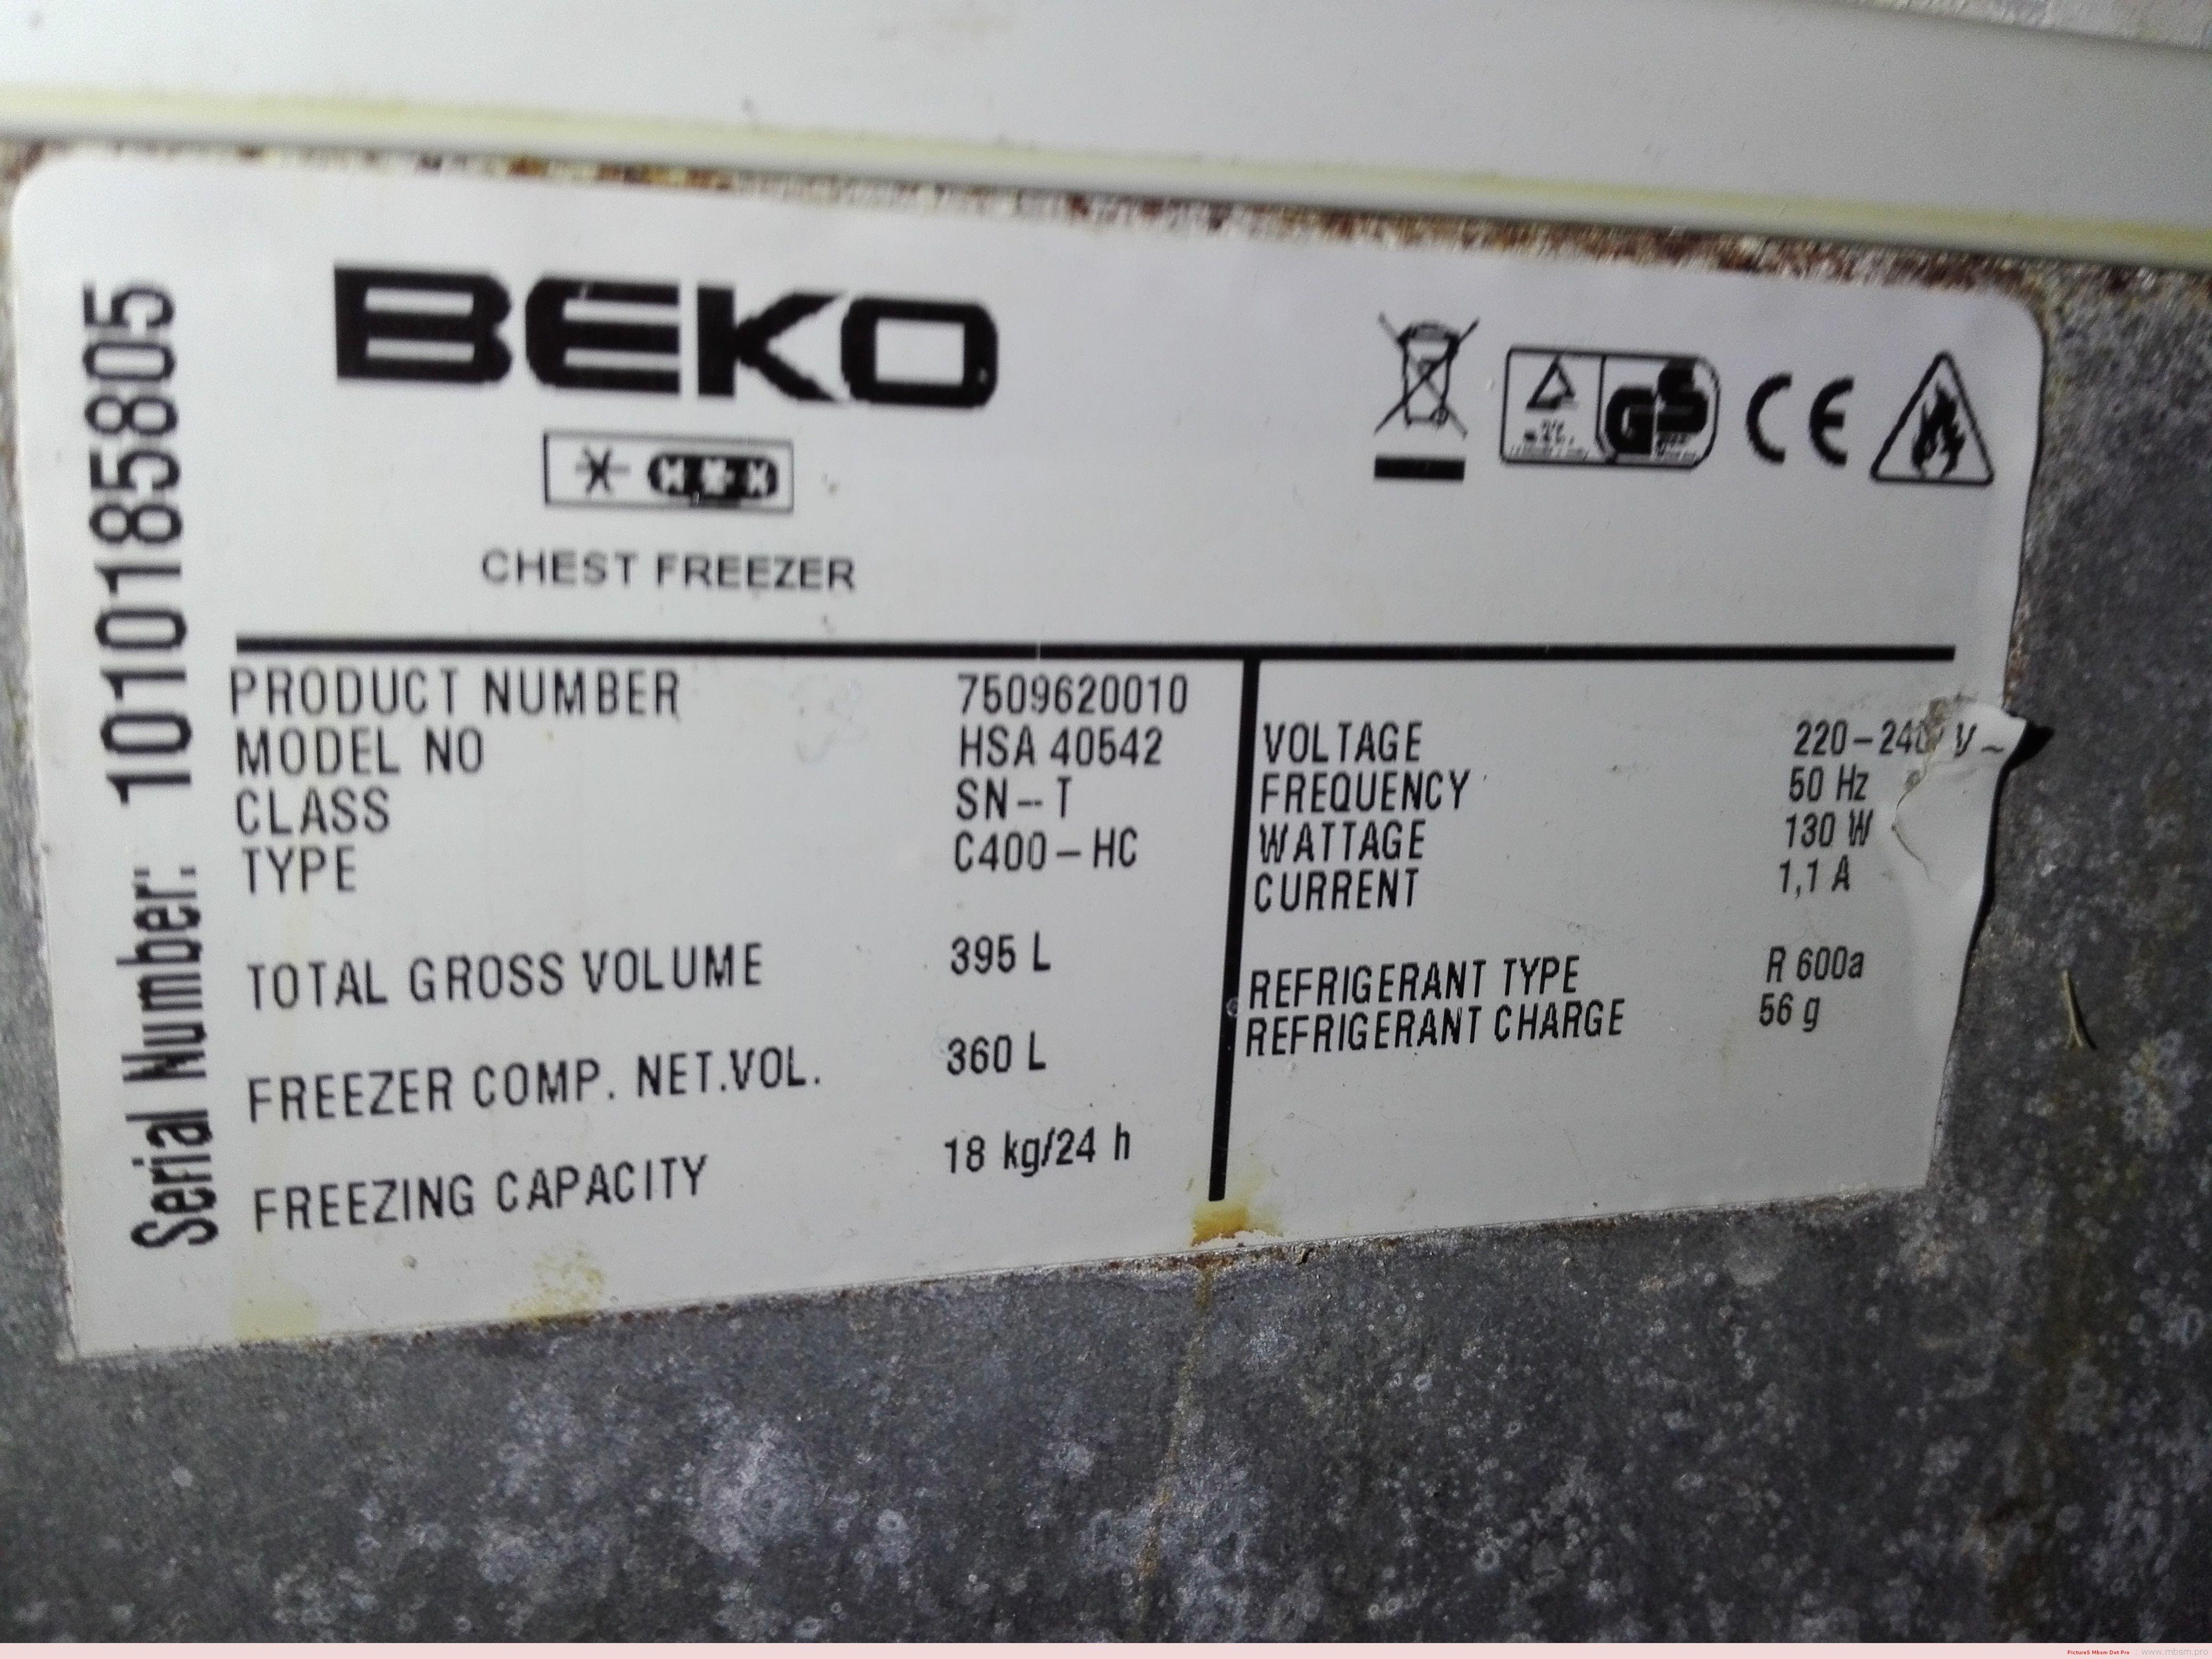 mbsm-dot-pro-wwwmbsmpro-beko-compressor-mts170mt-r600a-130w-15hp--1ph-